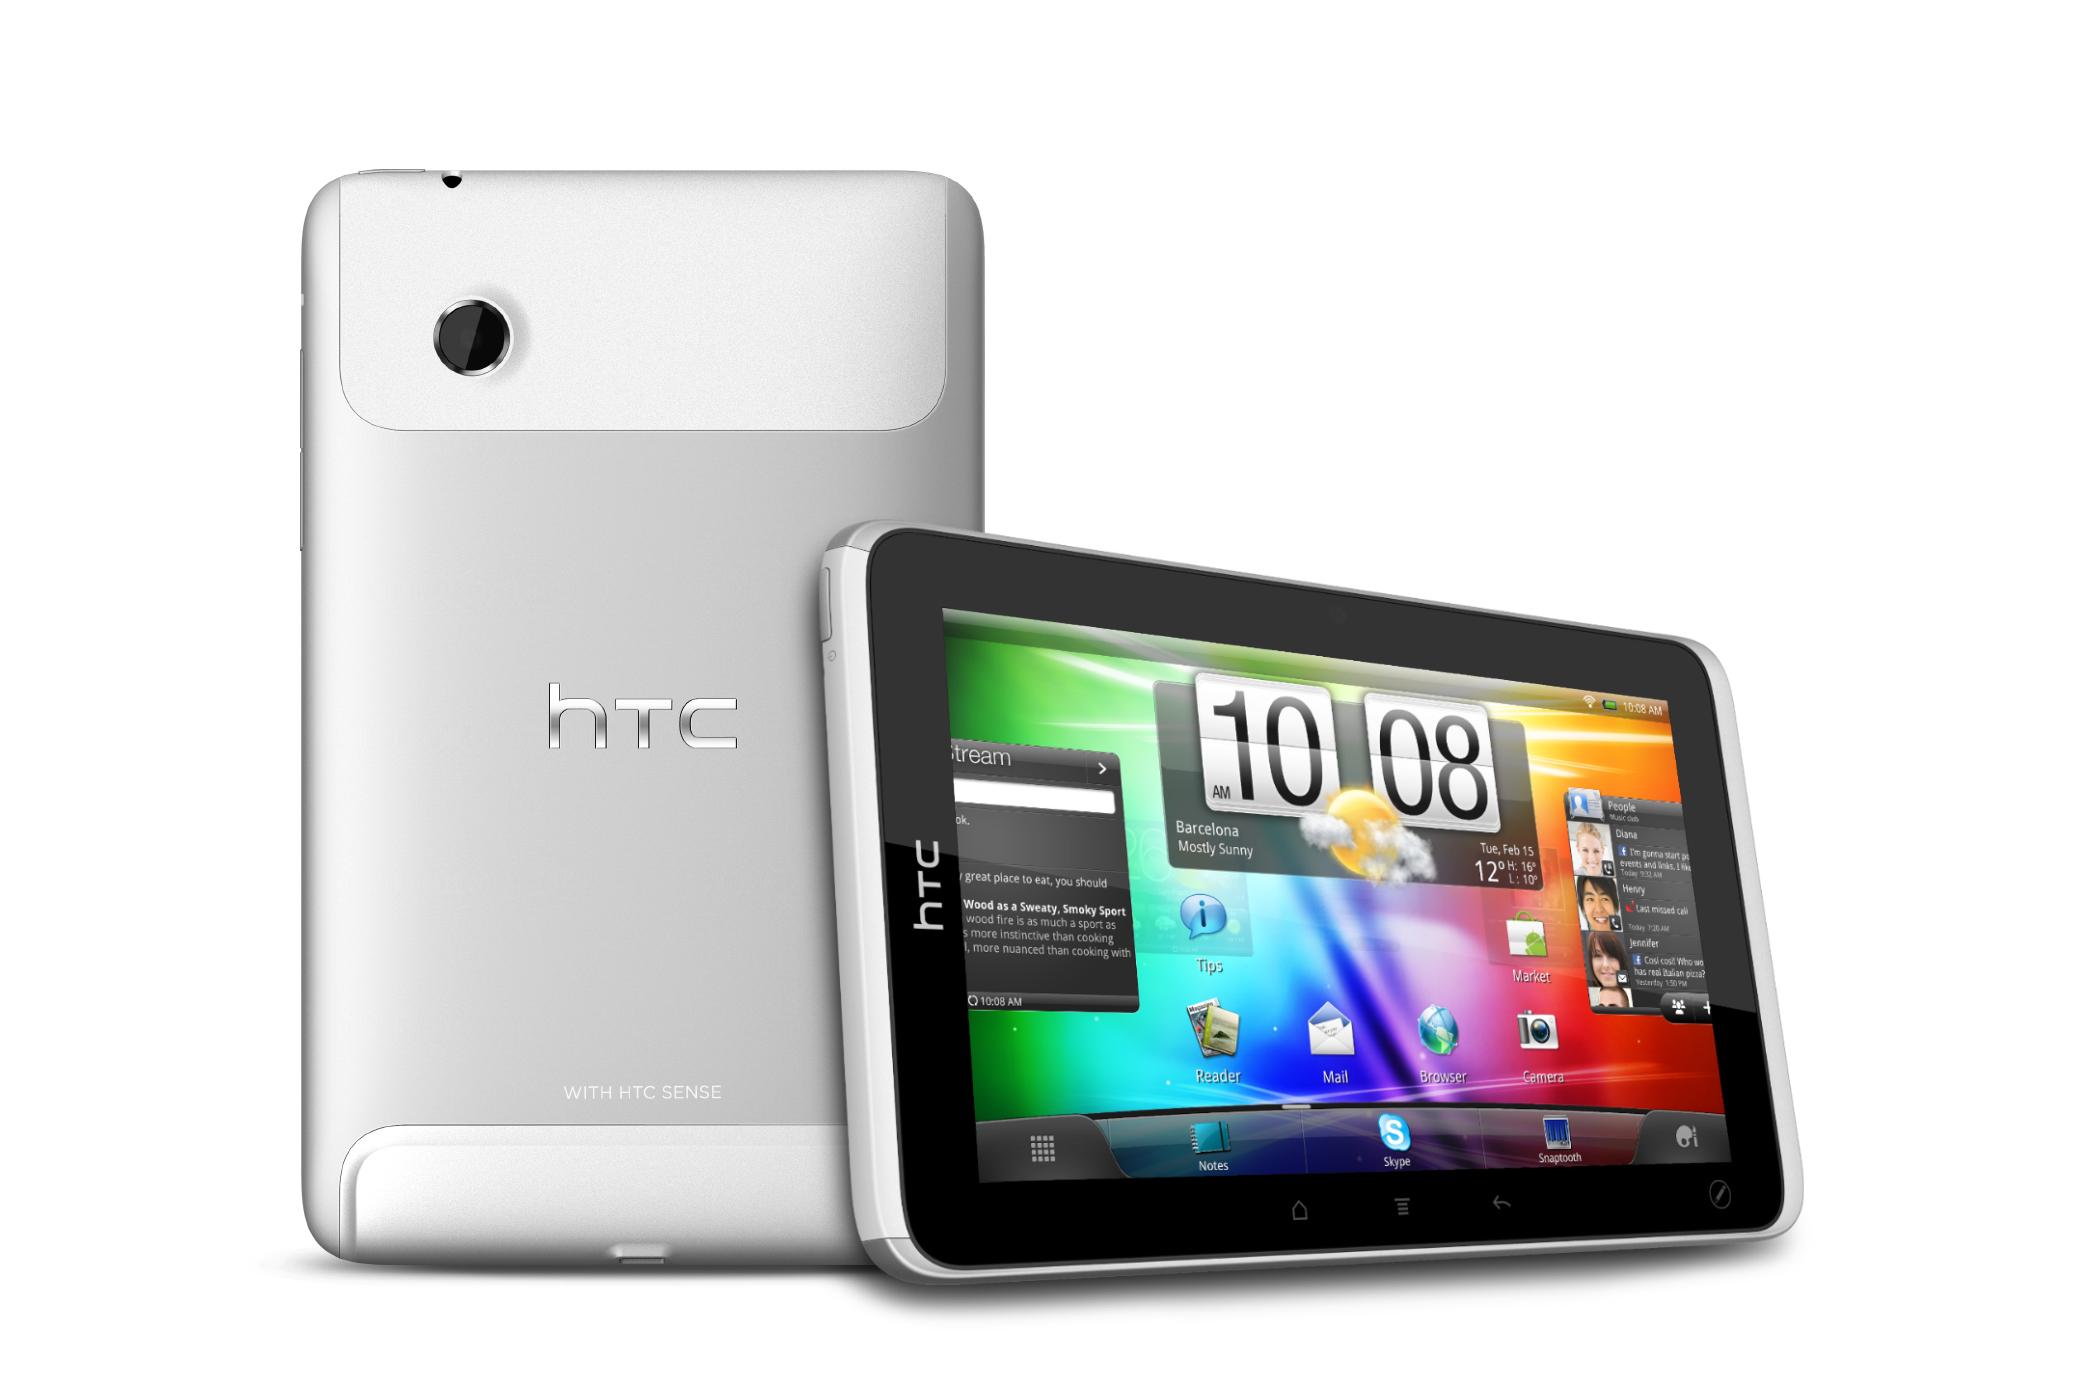 HTC verwarf Tablet-Prototypen, noch kein gutes Konzept gefunden